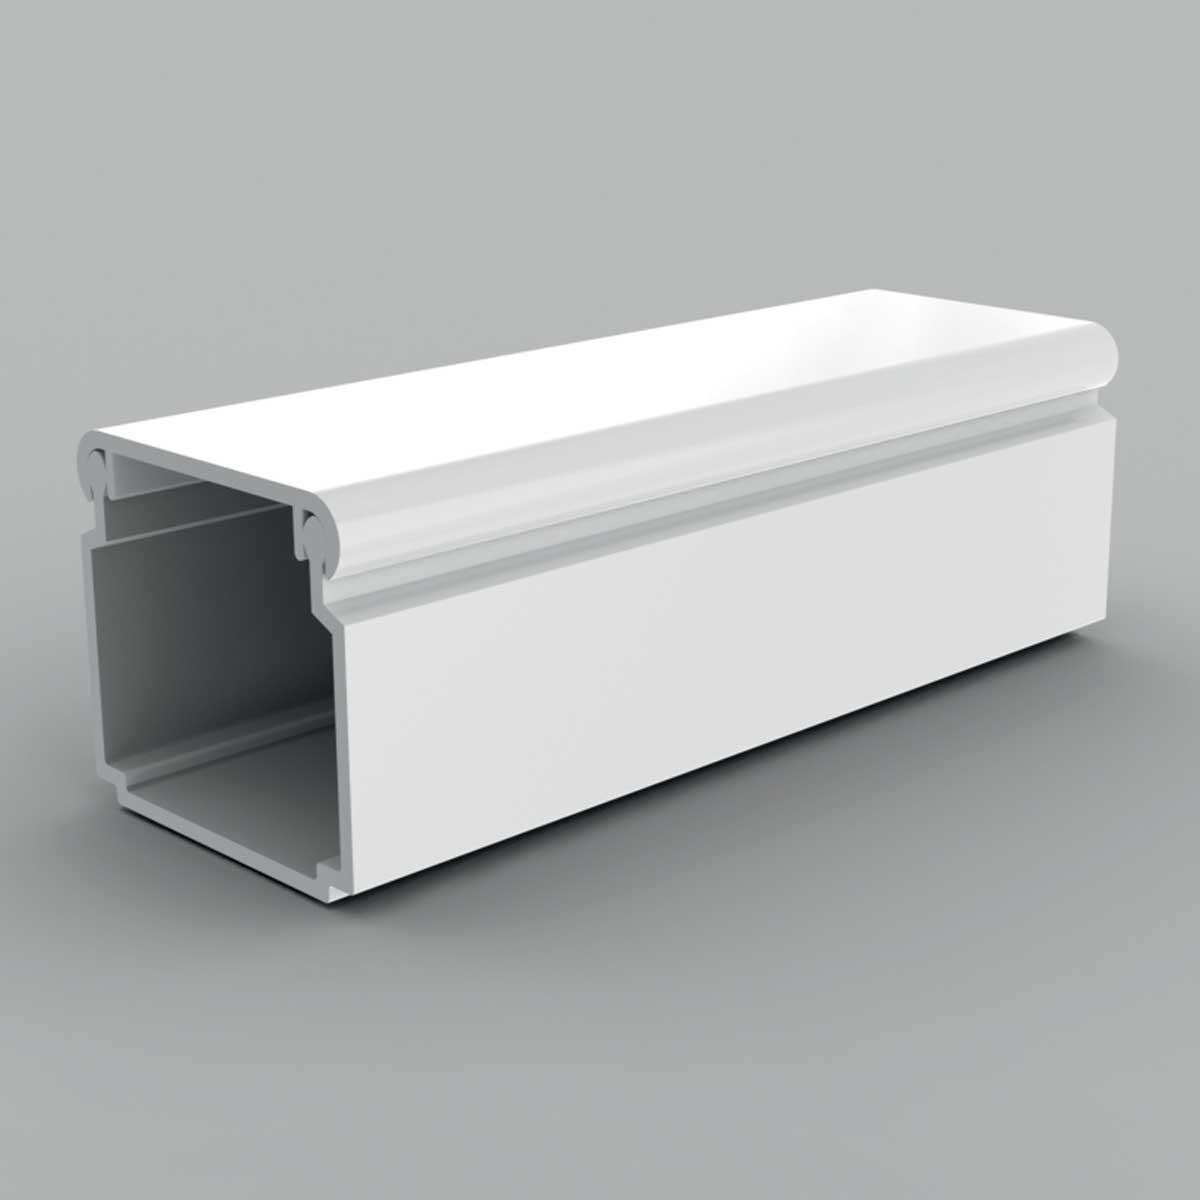 Кабельний канал з ПВХ білого кольору 24х22мм; Серія LV;